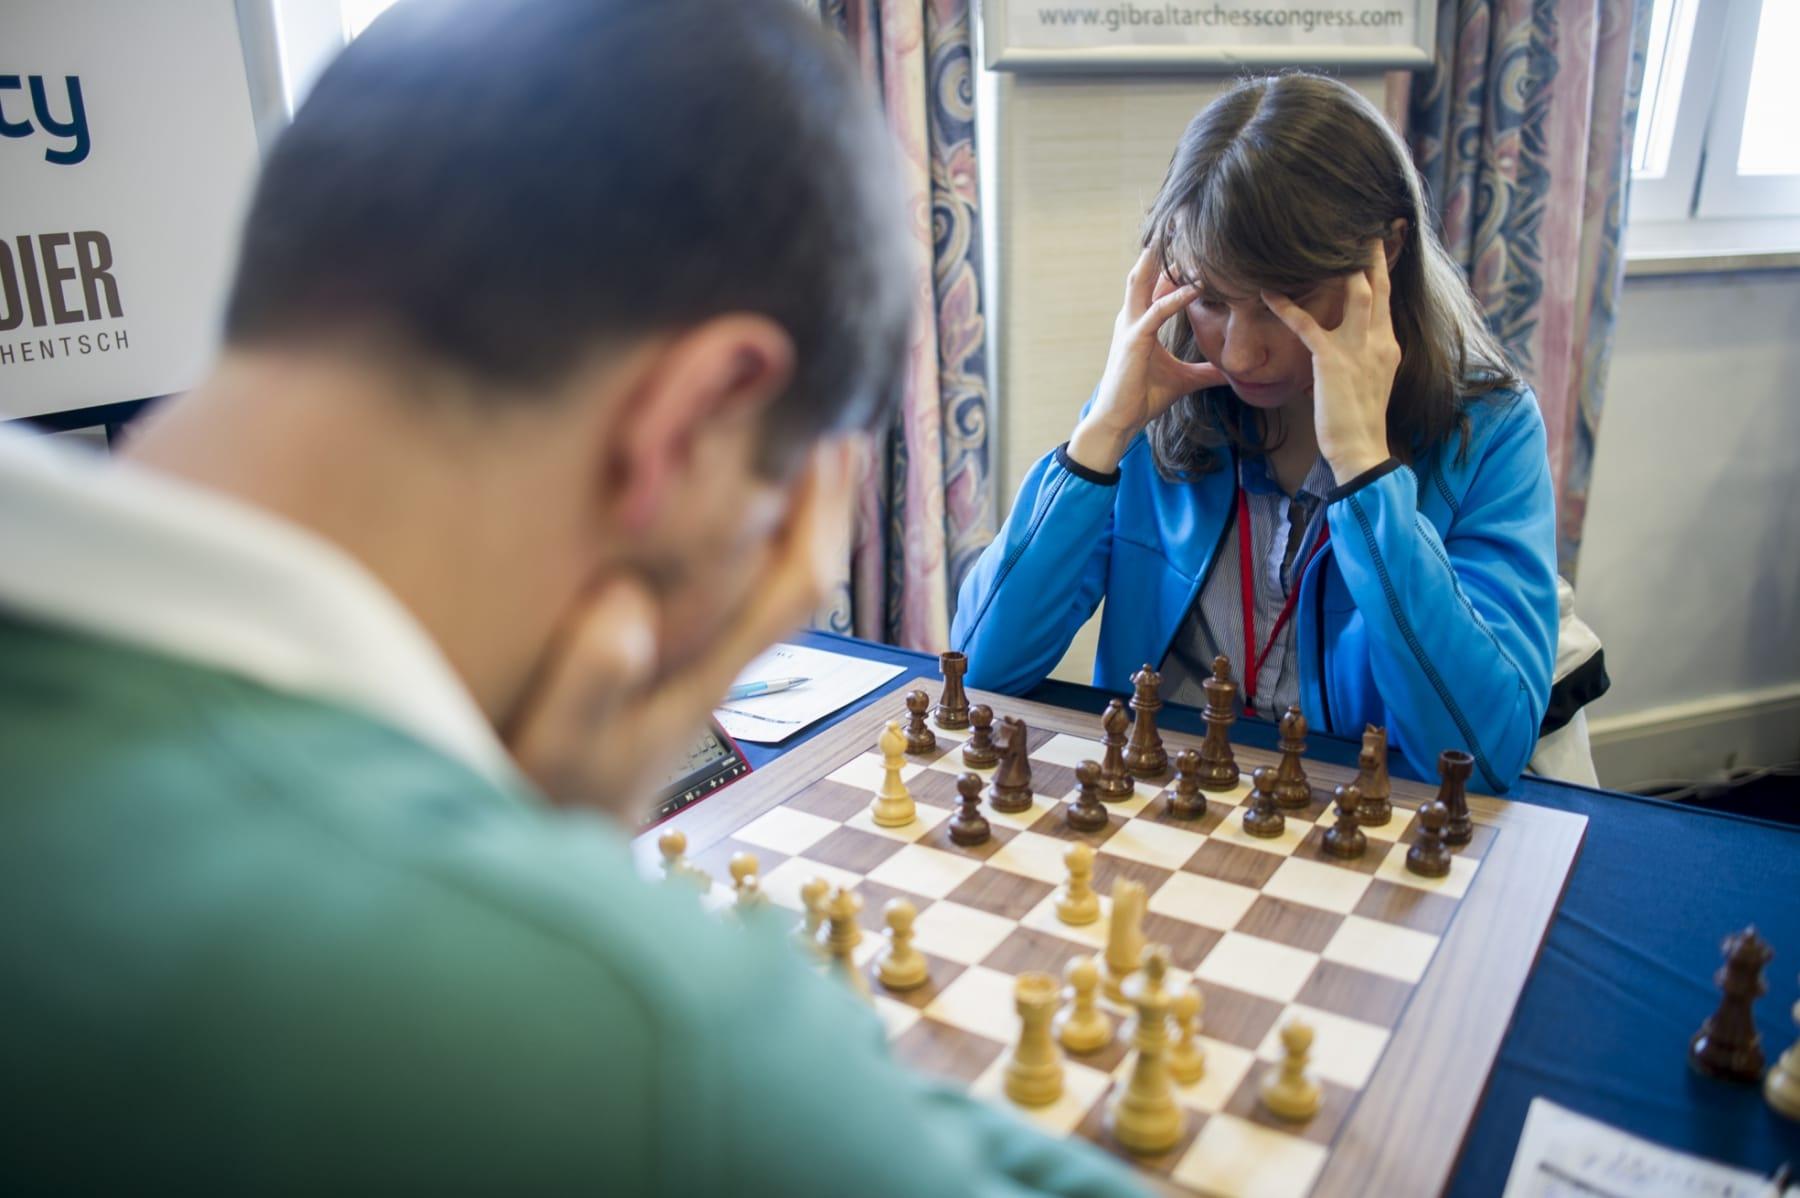 open-tradewise-de-ajedrez-de-gibraltar_16199271150_o